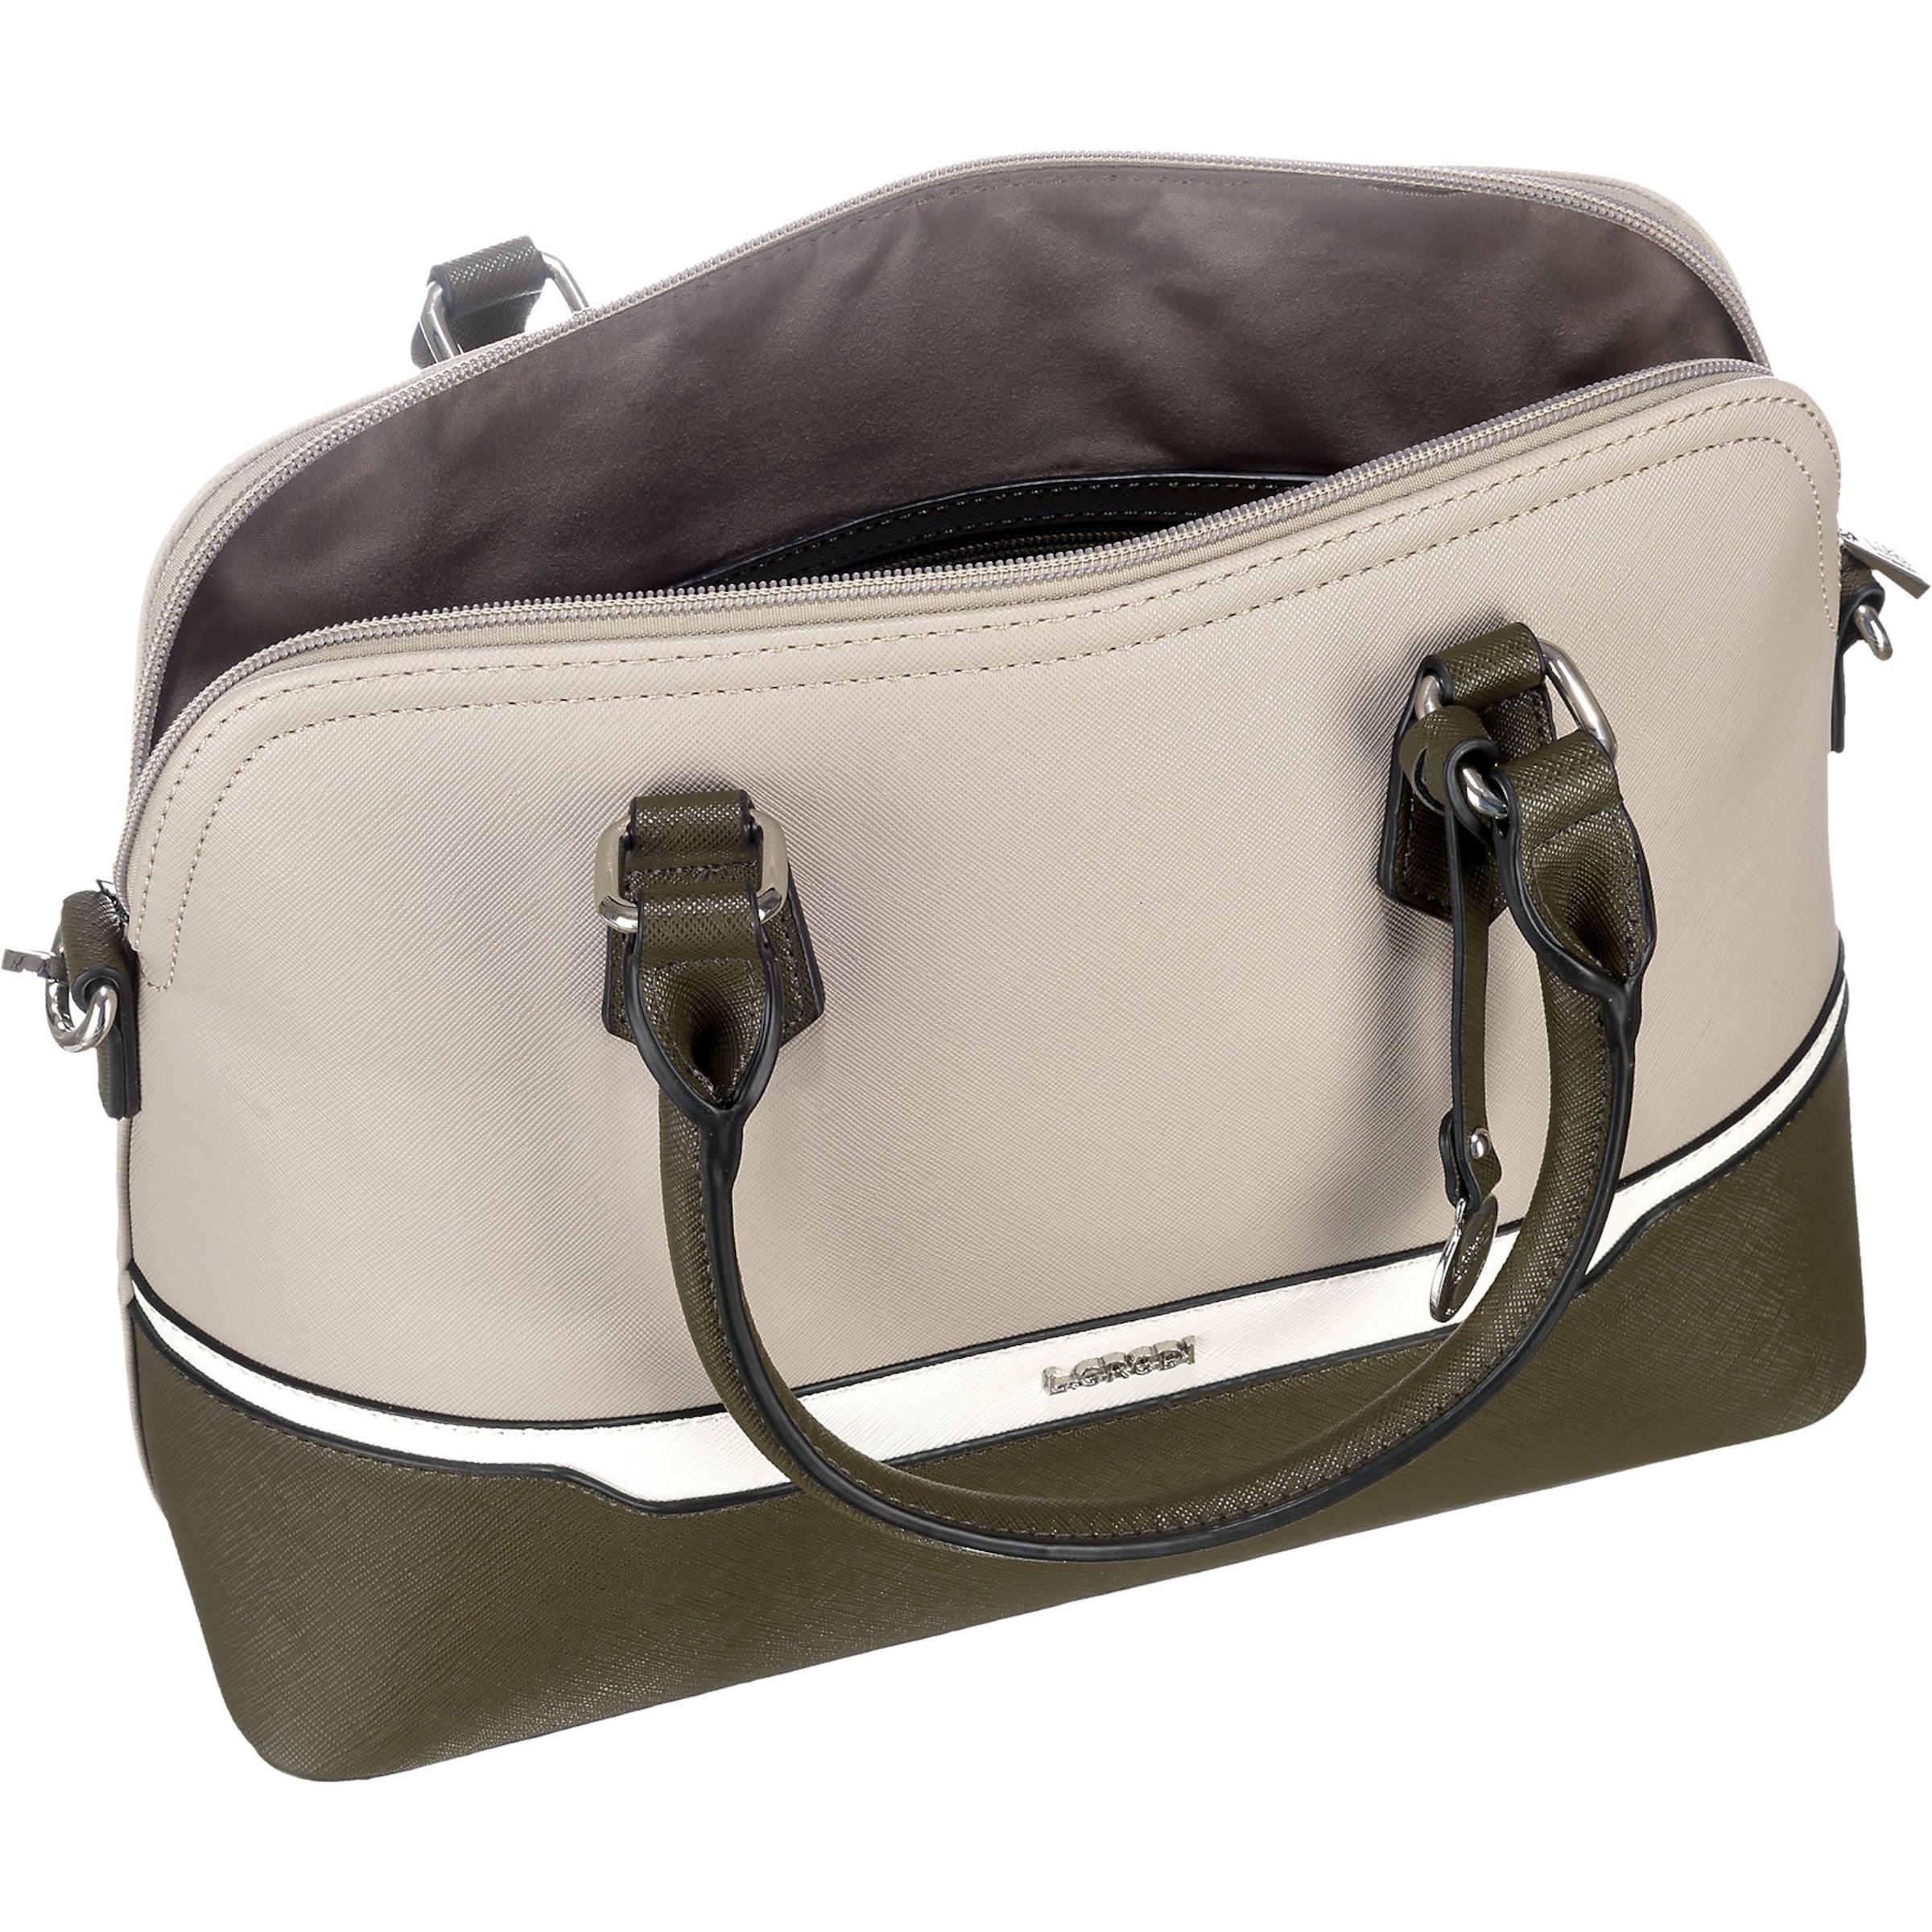 Auslass 2018 Unisex L.CREDI Angelique Handtasche Liefern Billig Verkauf Ausgezeichnet q2ejv3G